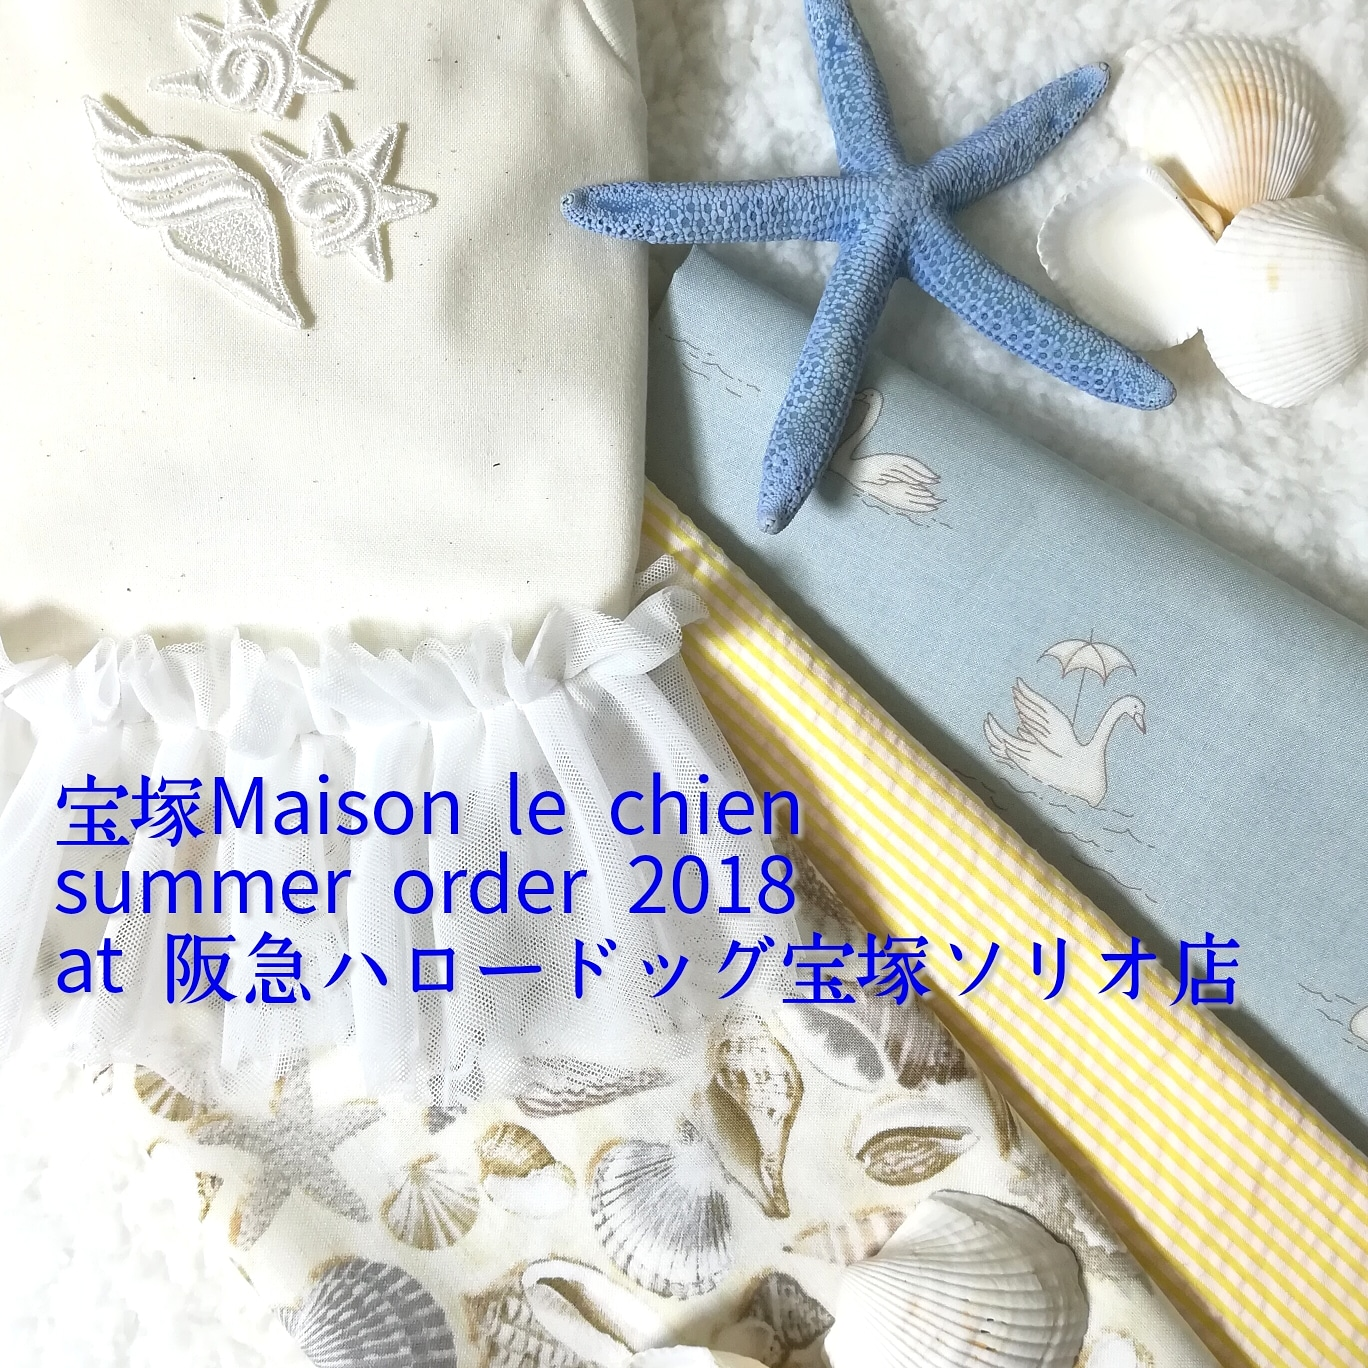 2018/06/09 ソリオ宝塚店 宝塚メゾンルシアンオーダー会